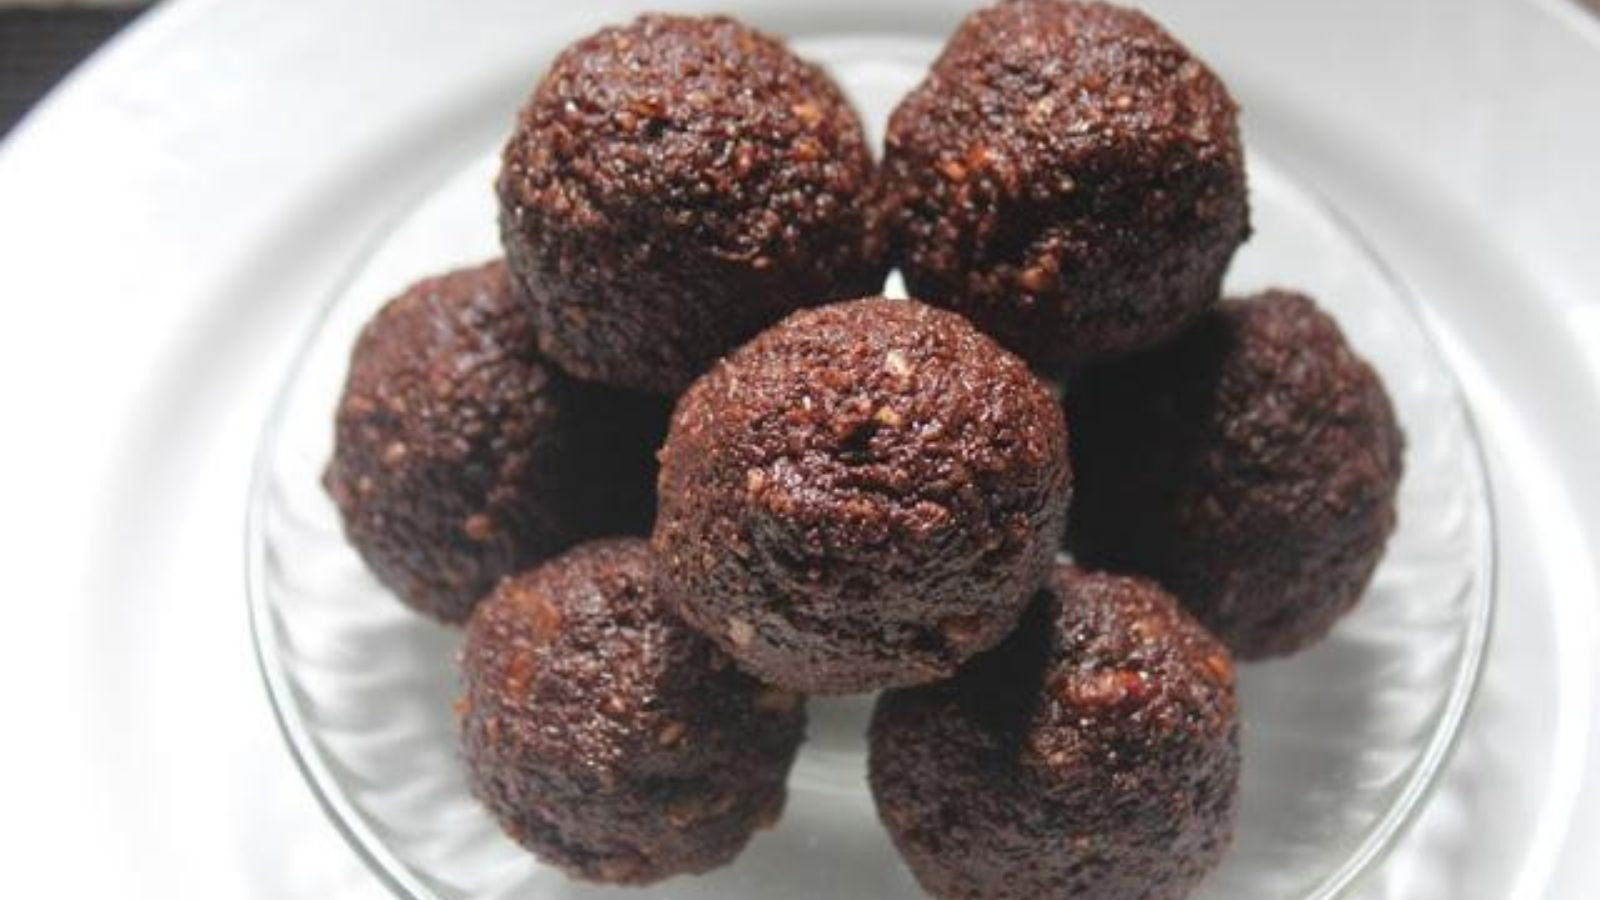 coconut-cacao-laddoos-festive-special